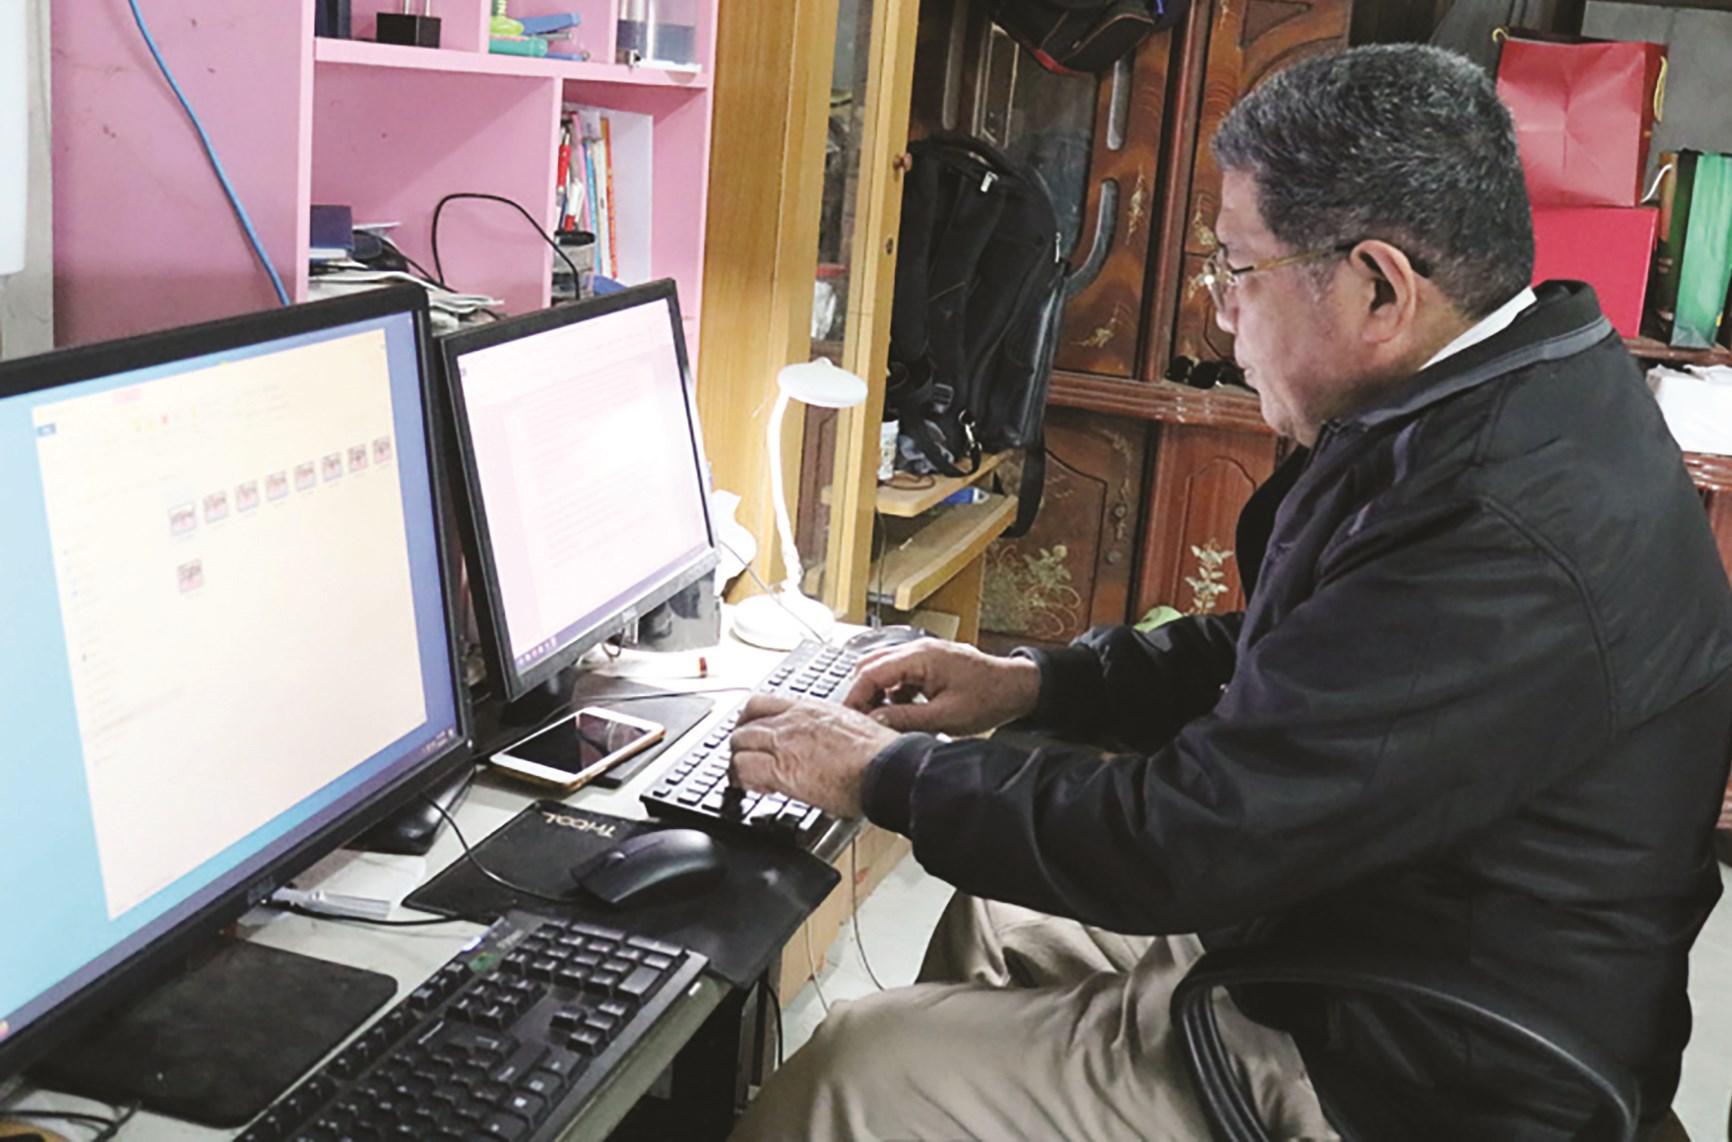 Bằng sự tự học hỏi, nhà nghiên cứu Bùi Huy Vọng rất thành thạo công nghệ để áp dụng vào việc nghiên cứu văn hoá dân gian